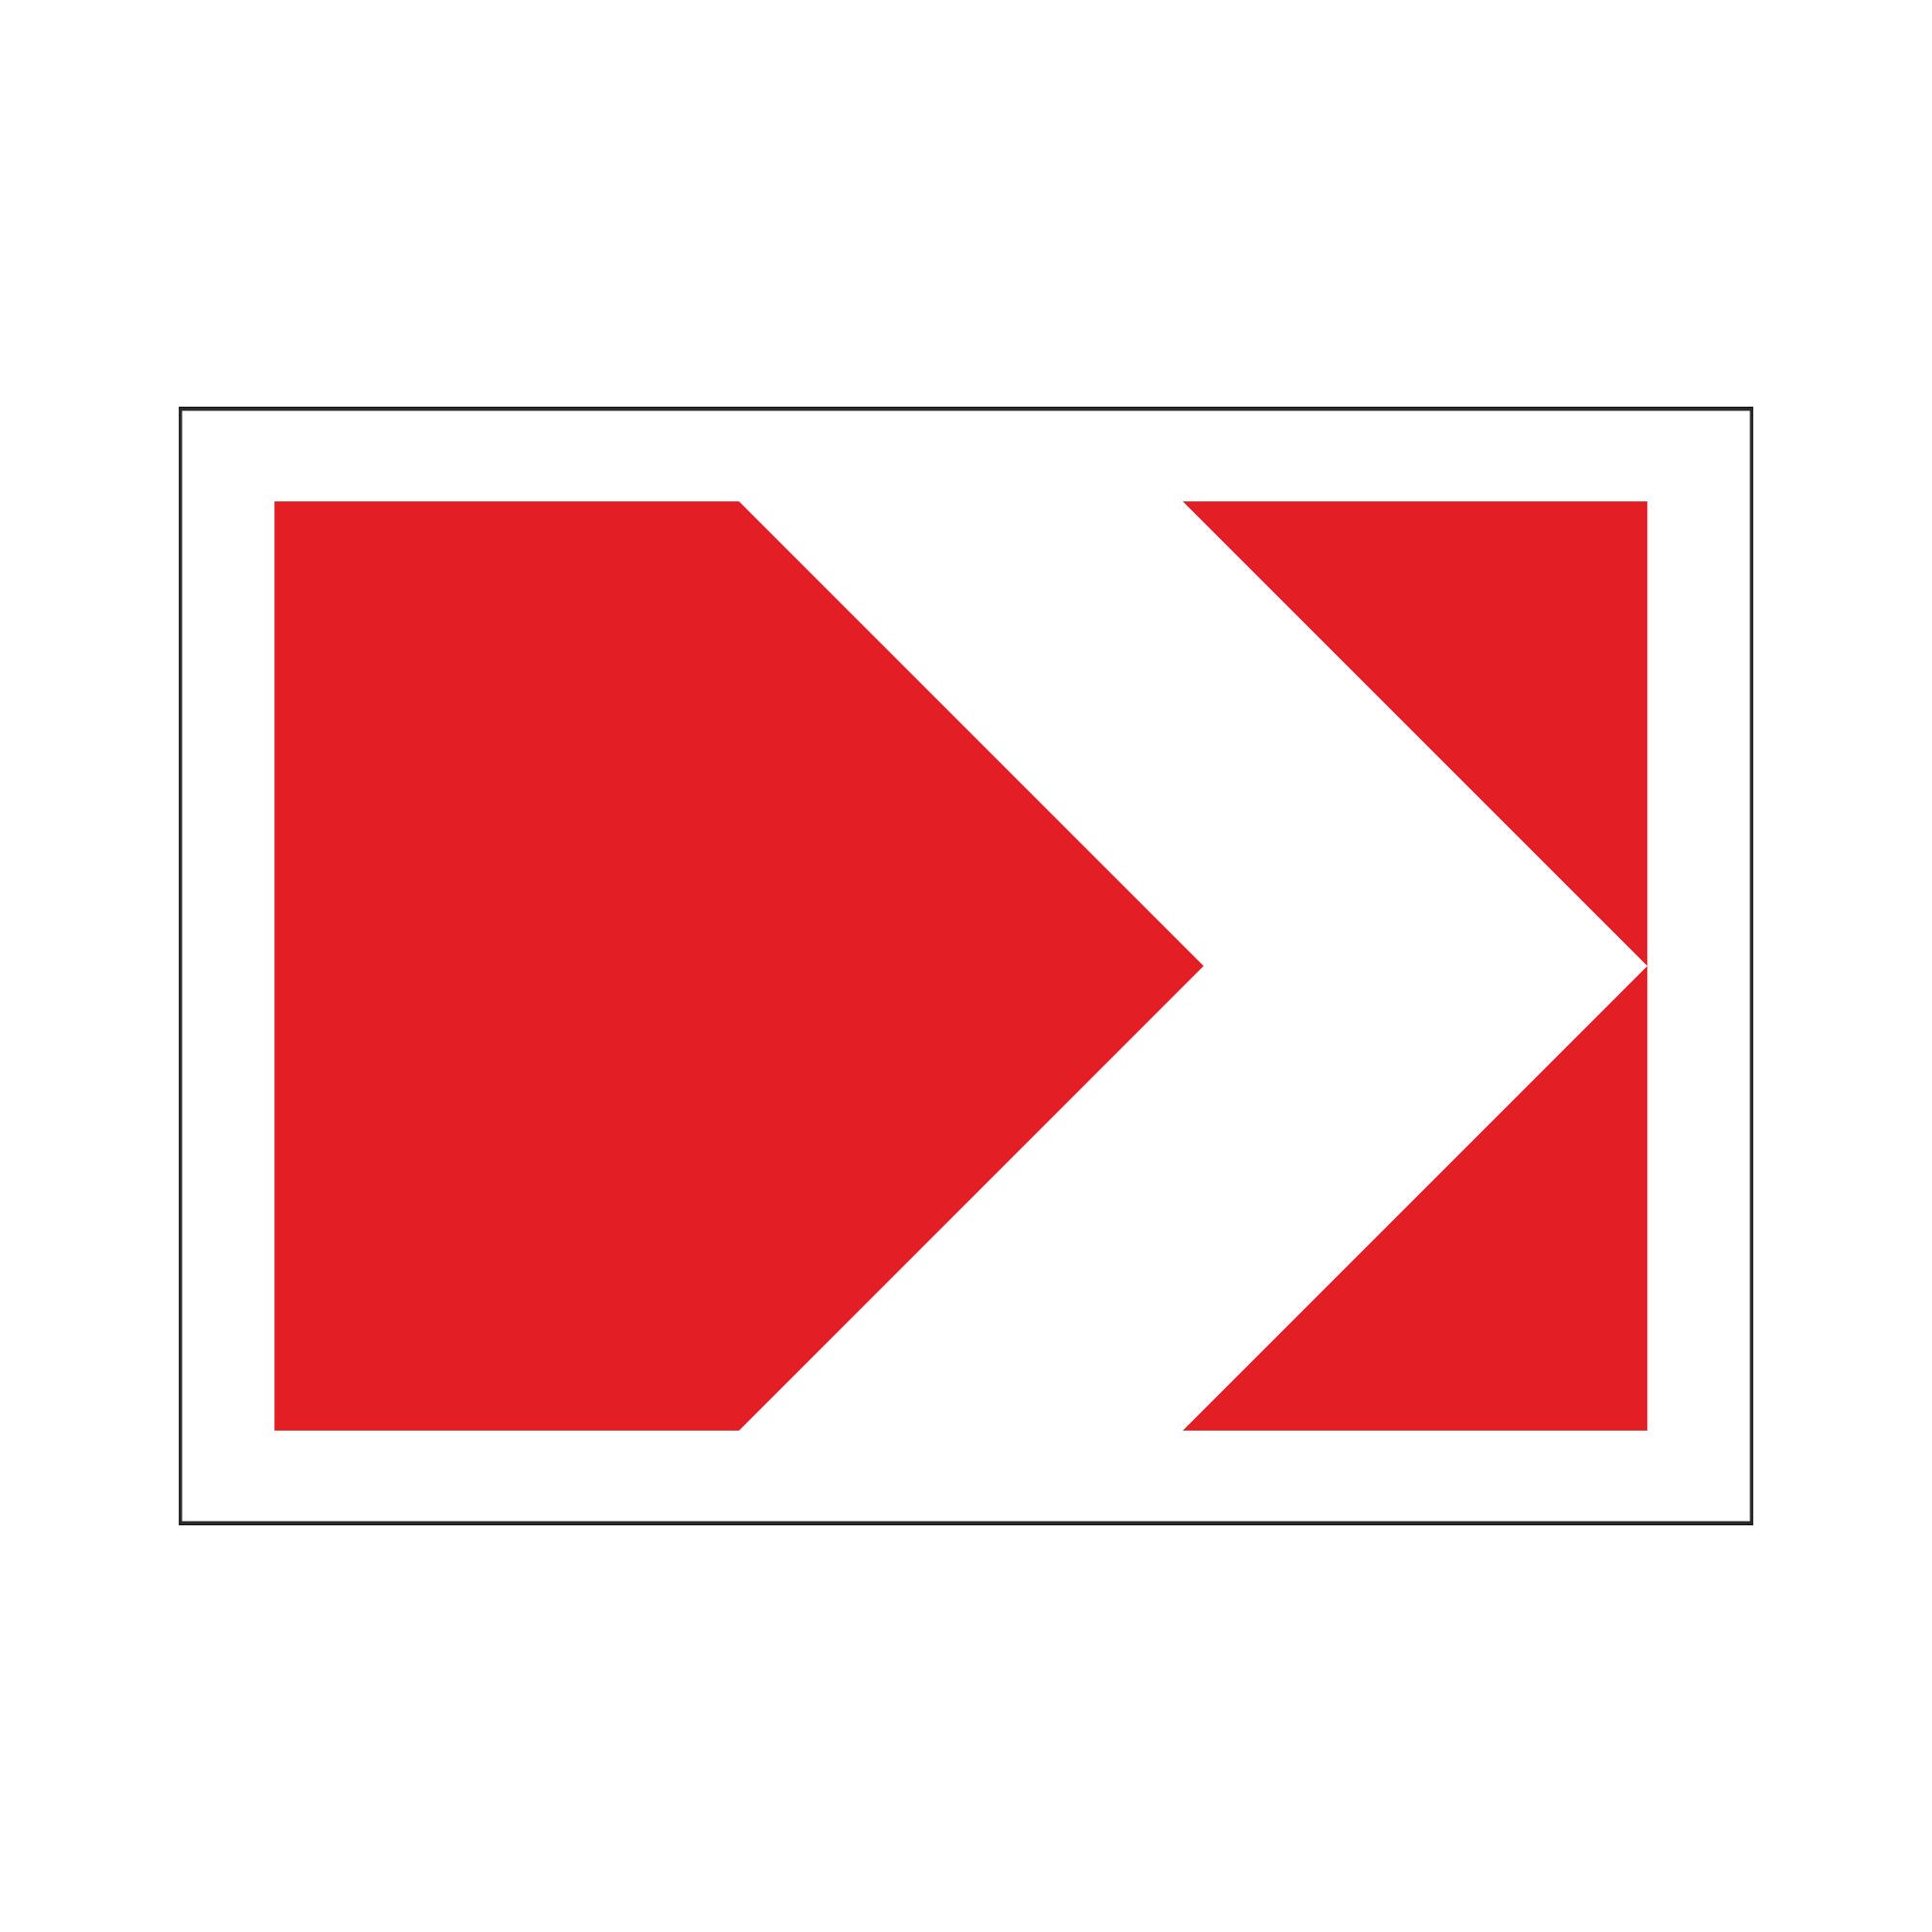 1.34.1 Направление поворота размер 1 (одна стрелка)